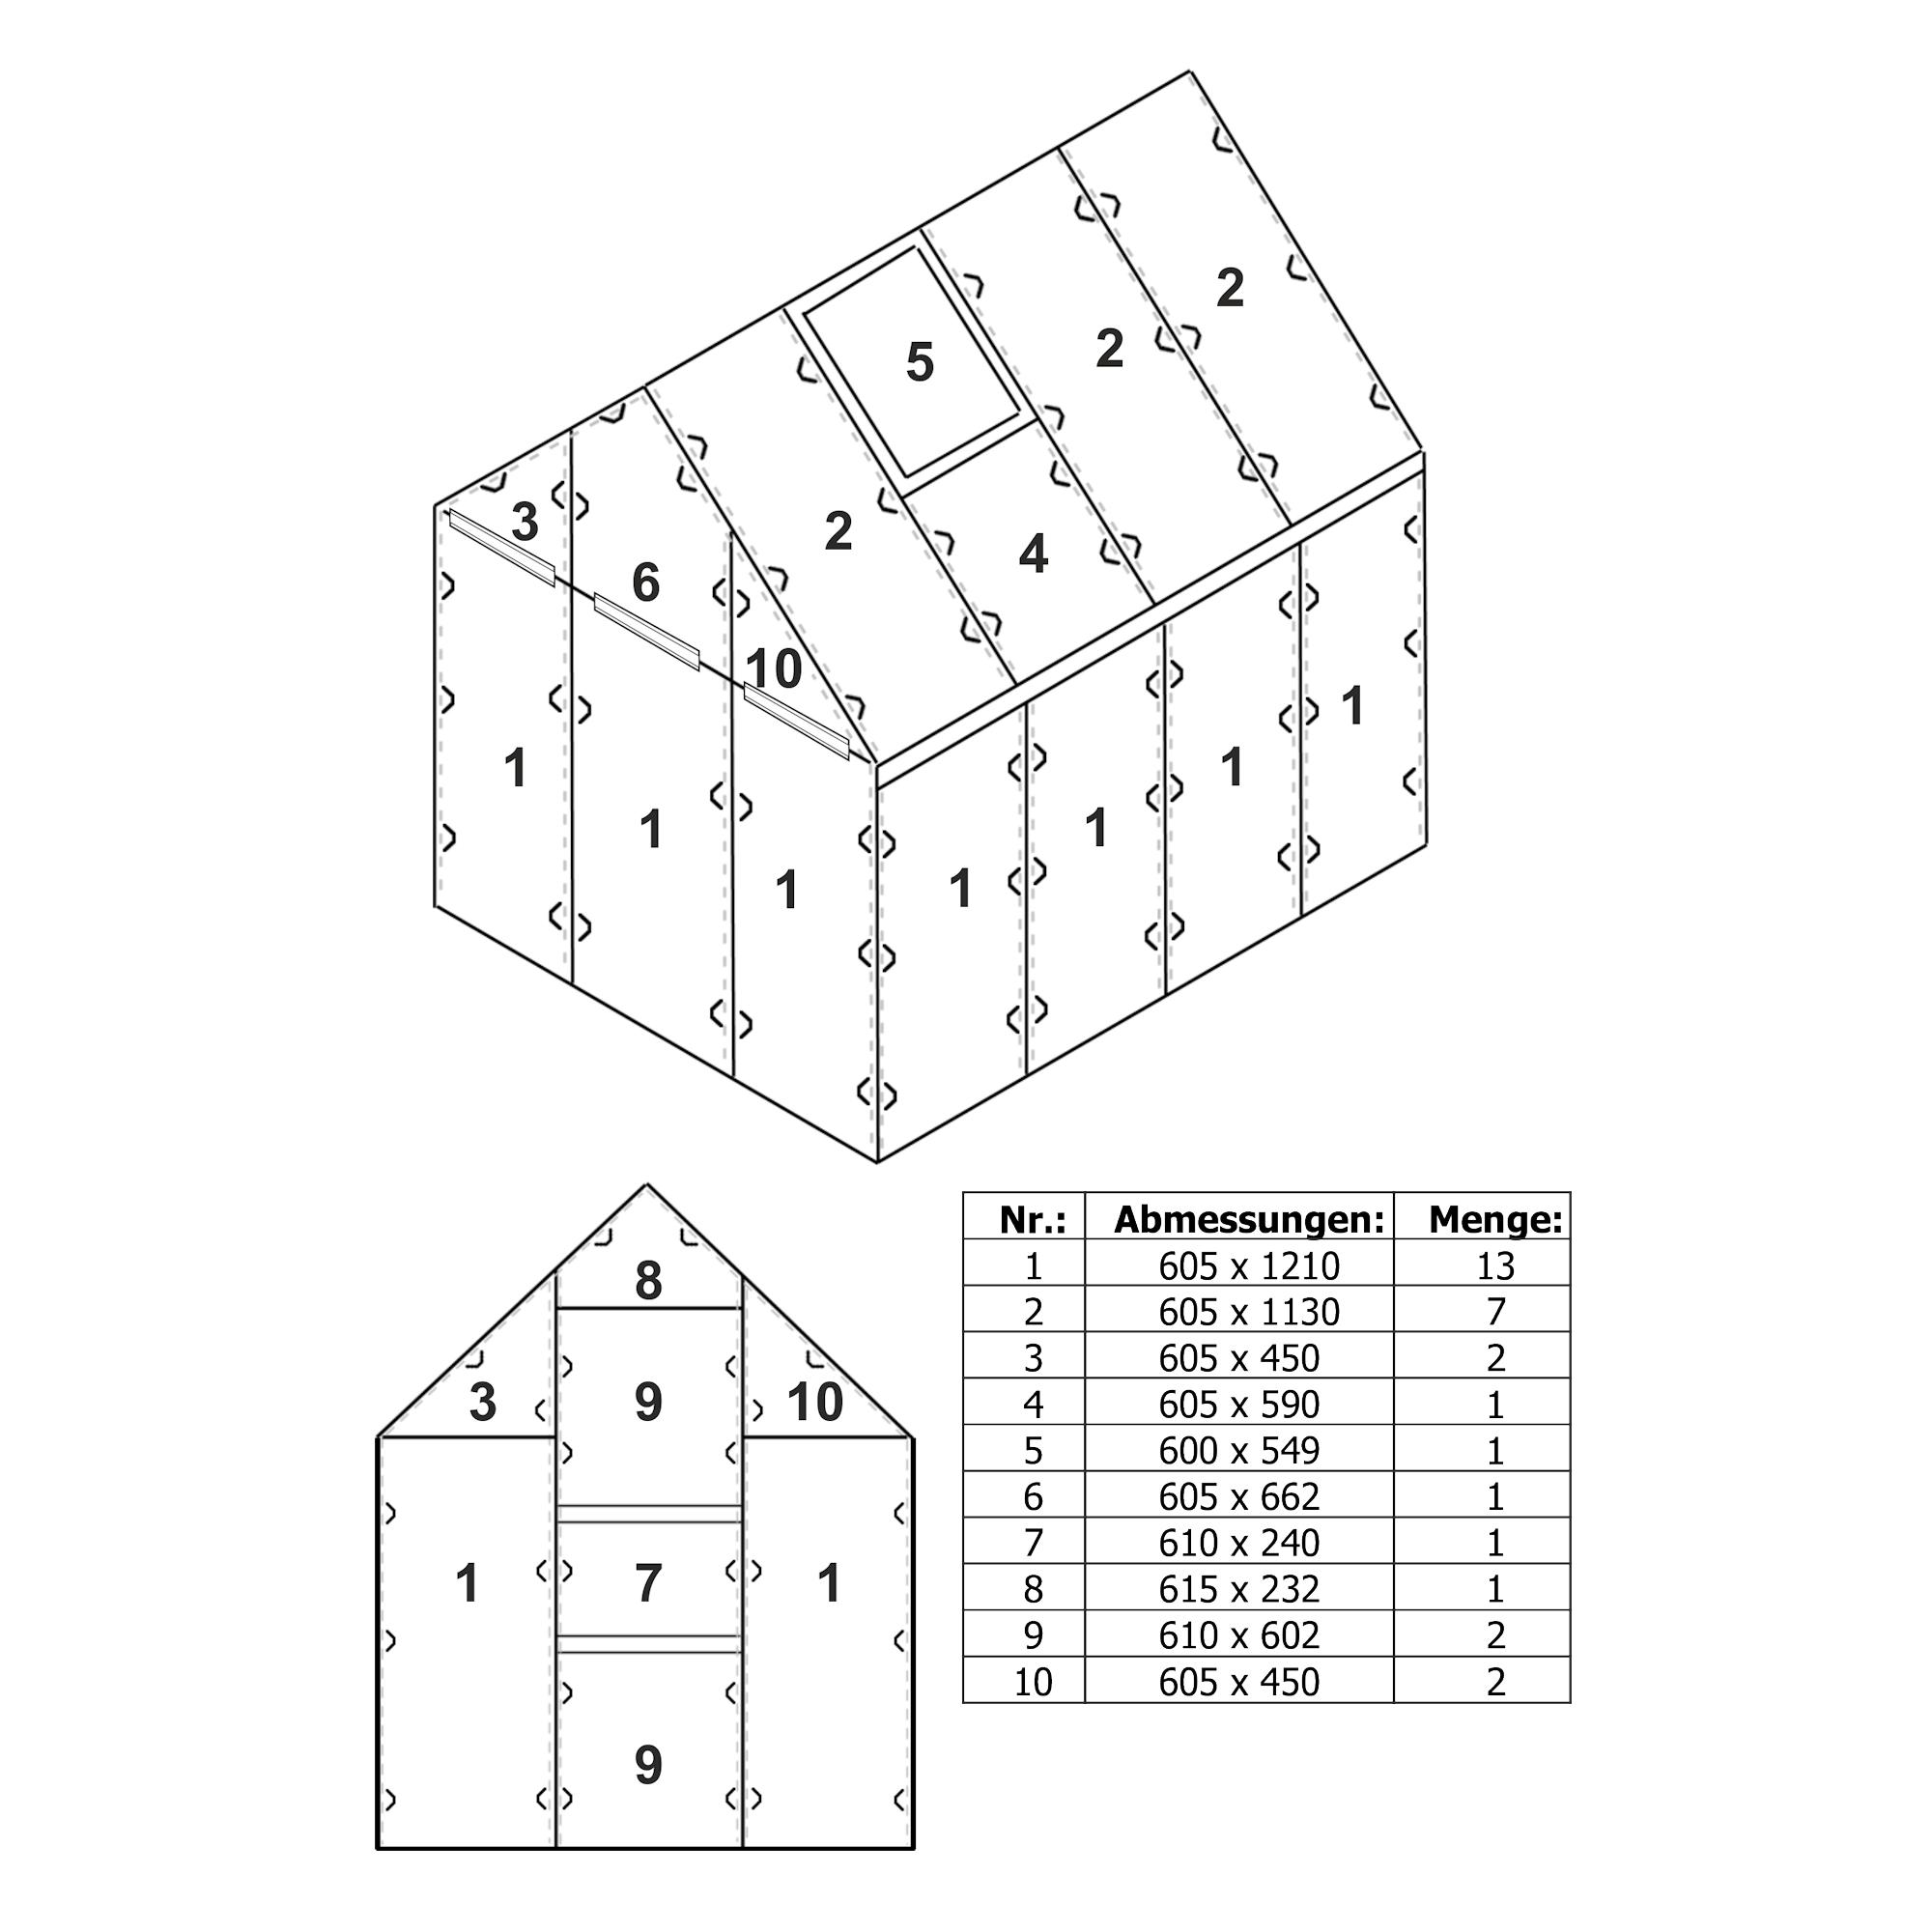 zelsius 6 mm polycarbonat stegplatten set f r gew chshaus gw04 garten treibhaus ebay. Black Bedroom Furniture Sets. Home Design Ideas